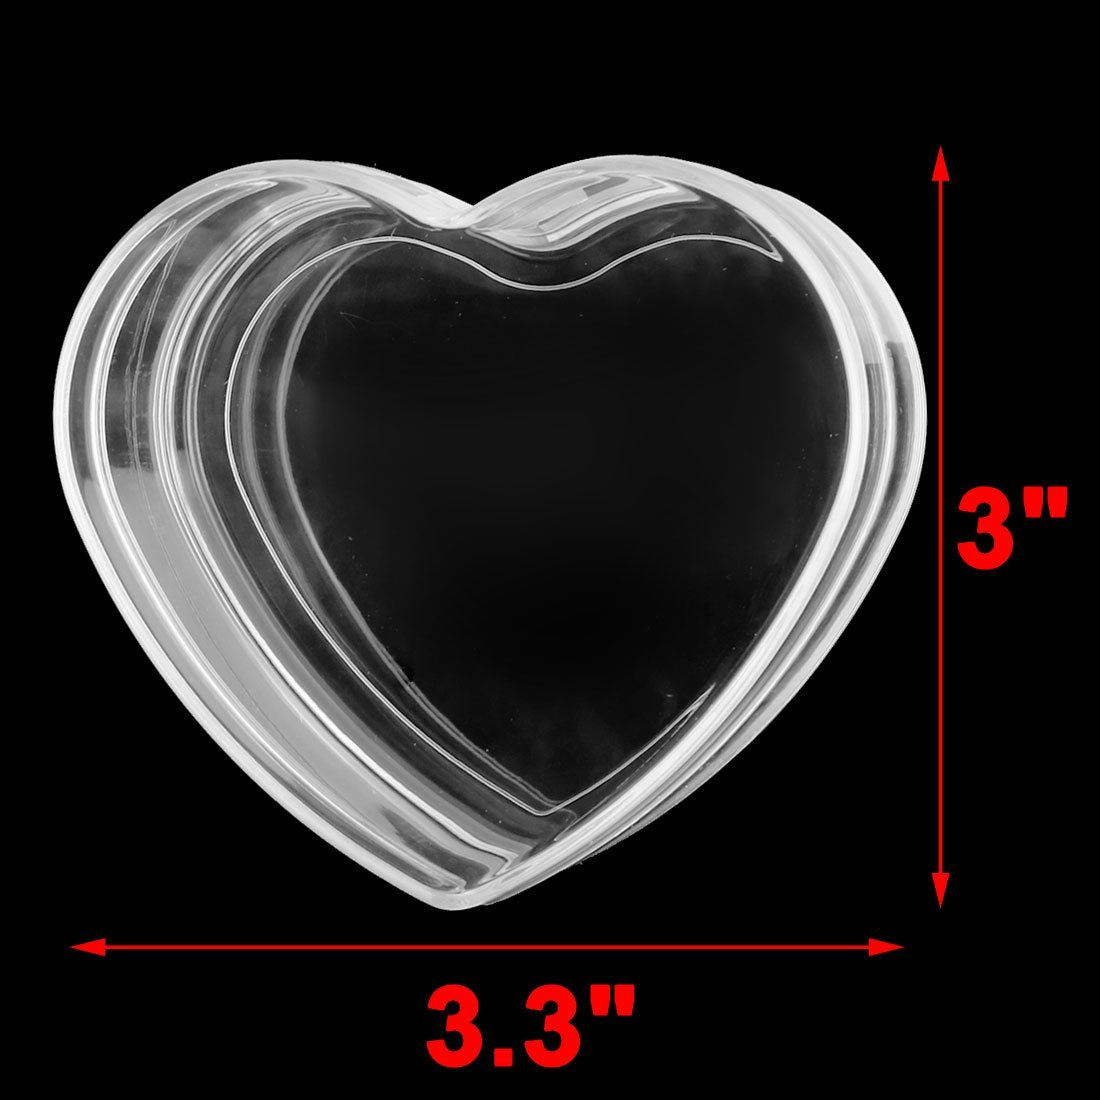 Amazon.com : eDealMax Corazón plástico de vacaciones el día de Navidad en Forma de caja del Caramelo Caso chuchería de 5pcs Claro : Sports & Outdoors